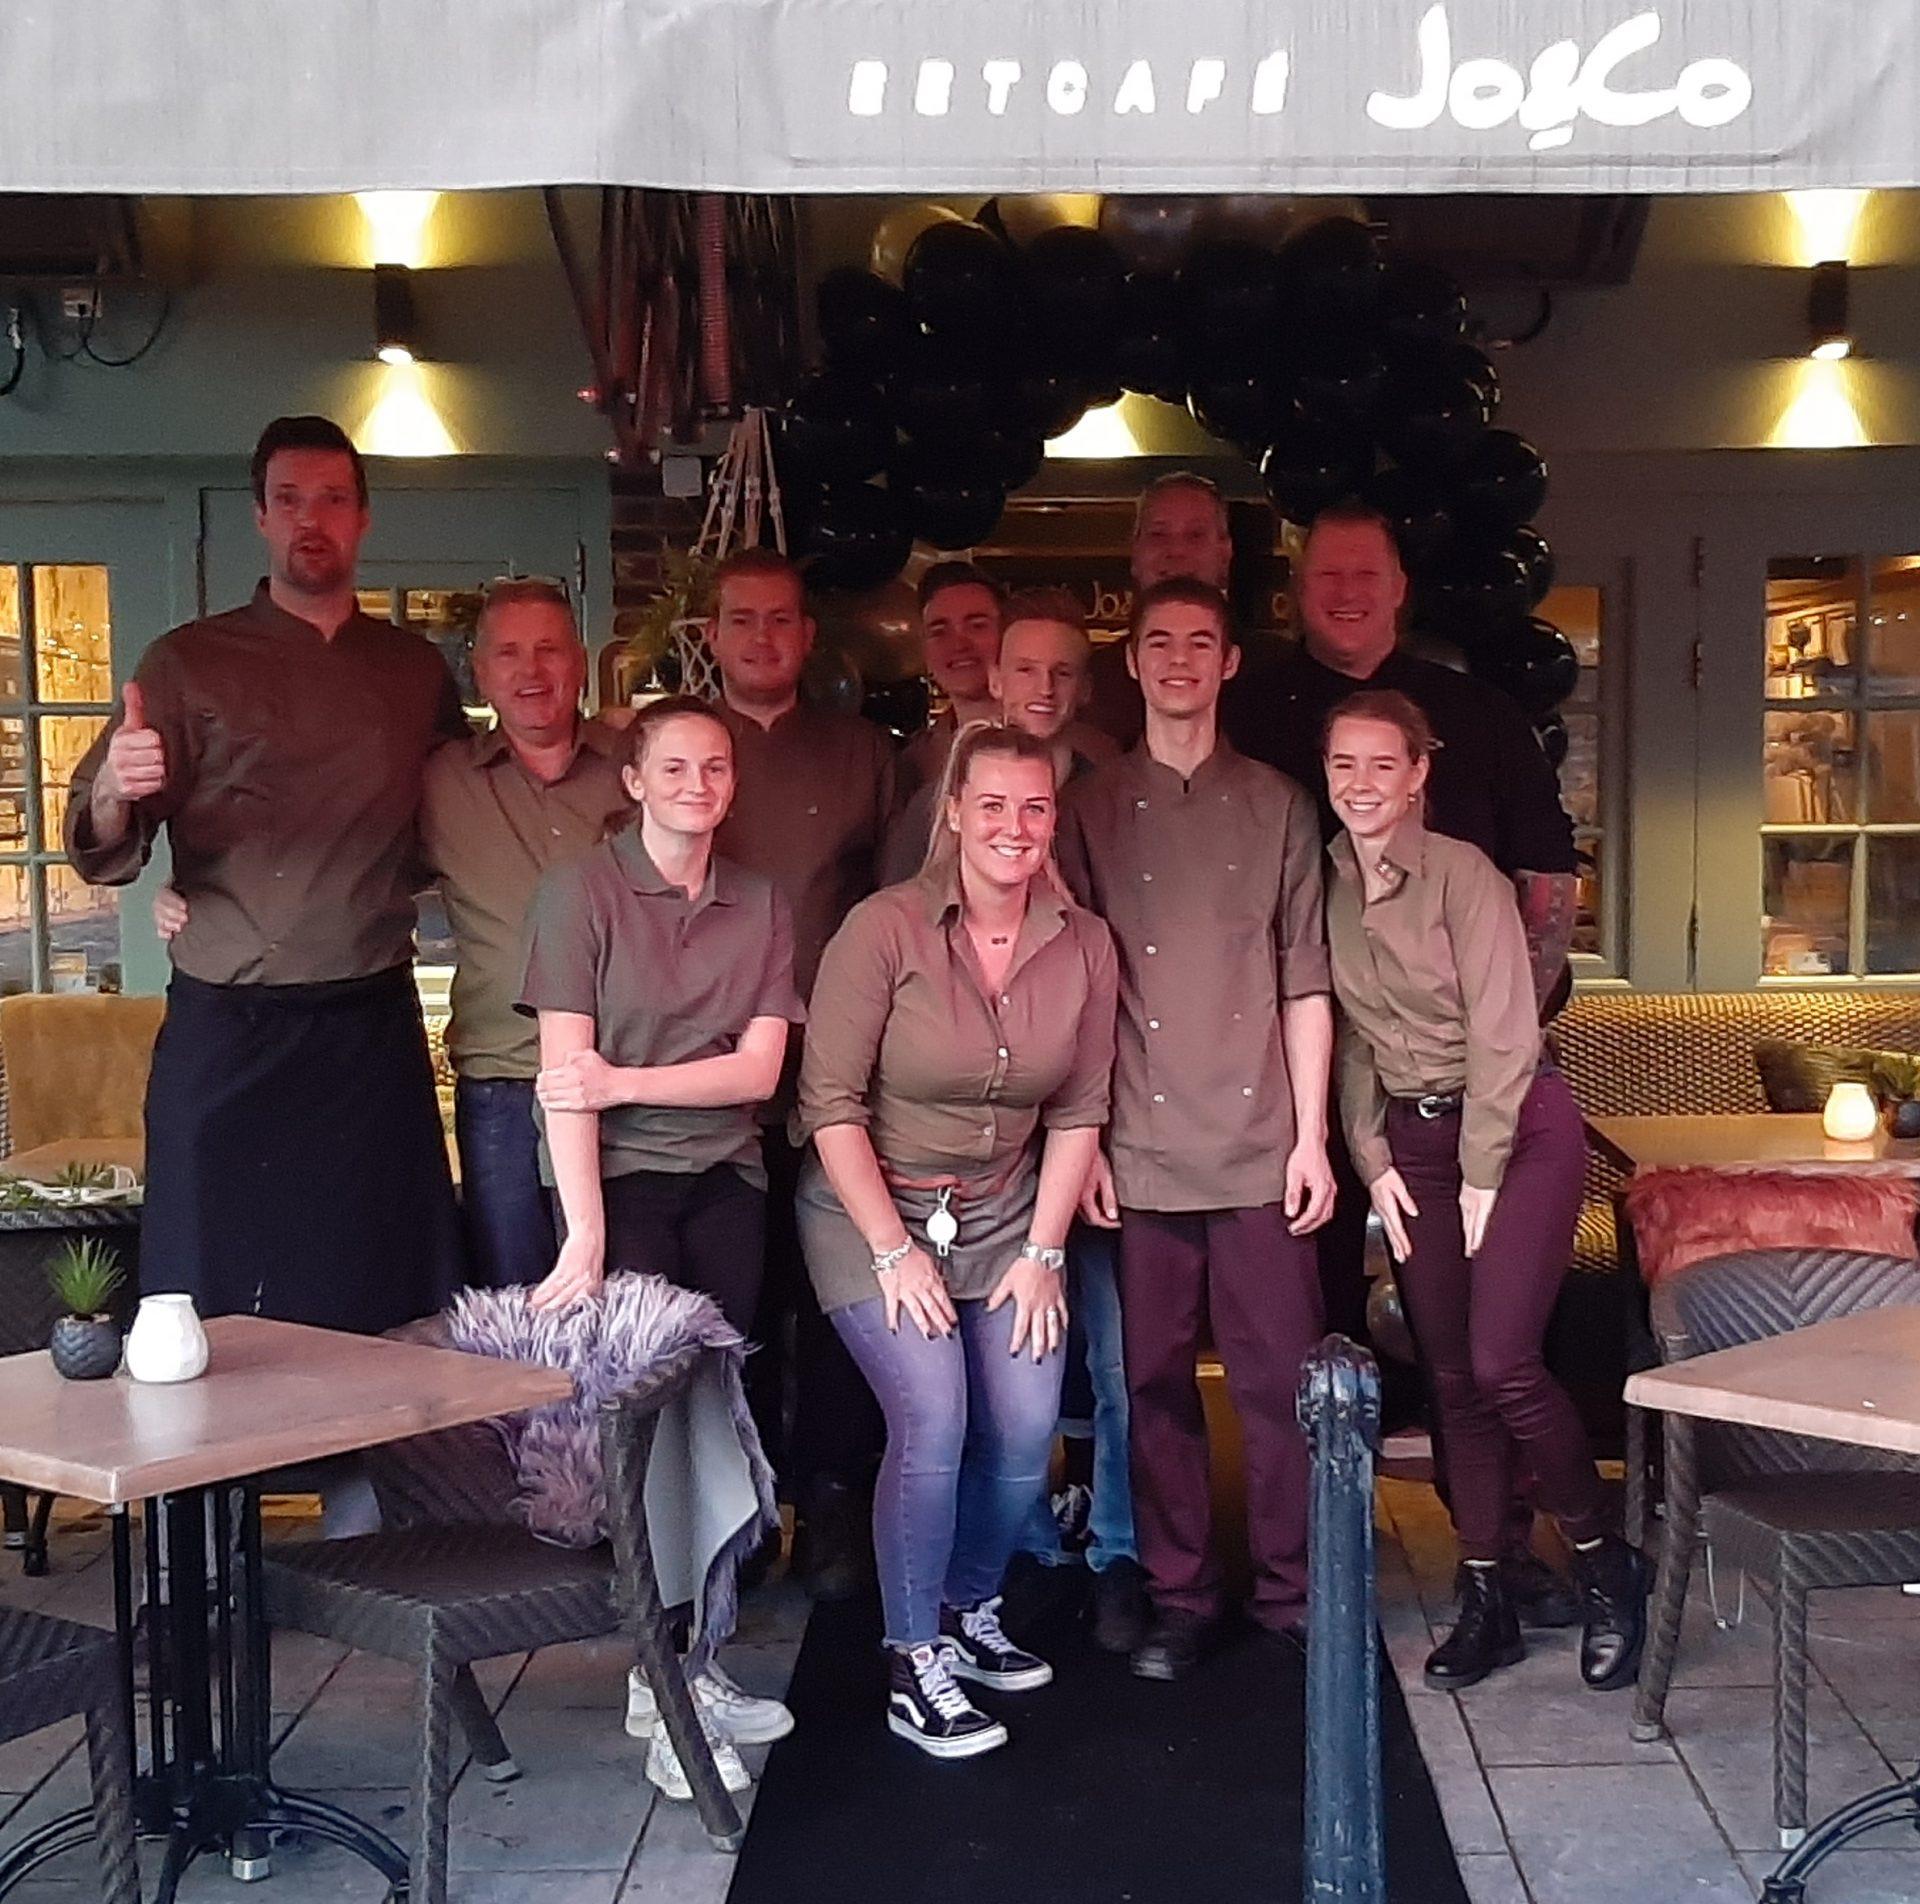 Vacatures eetcafe joenco